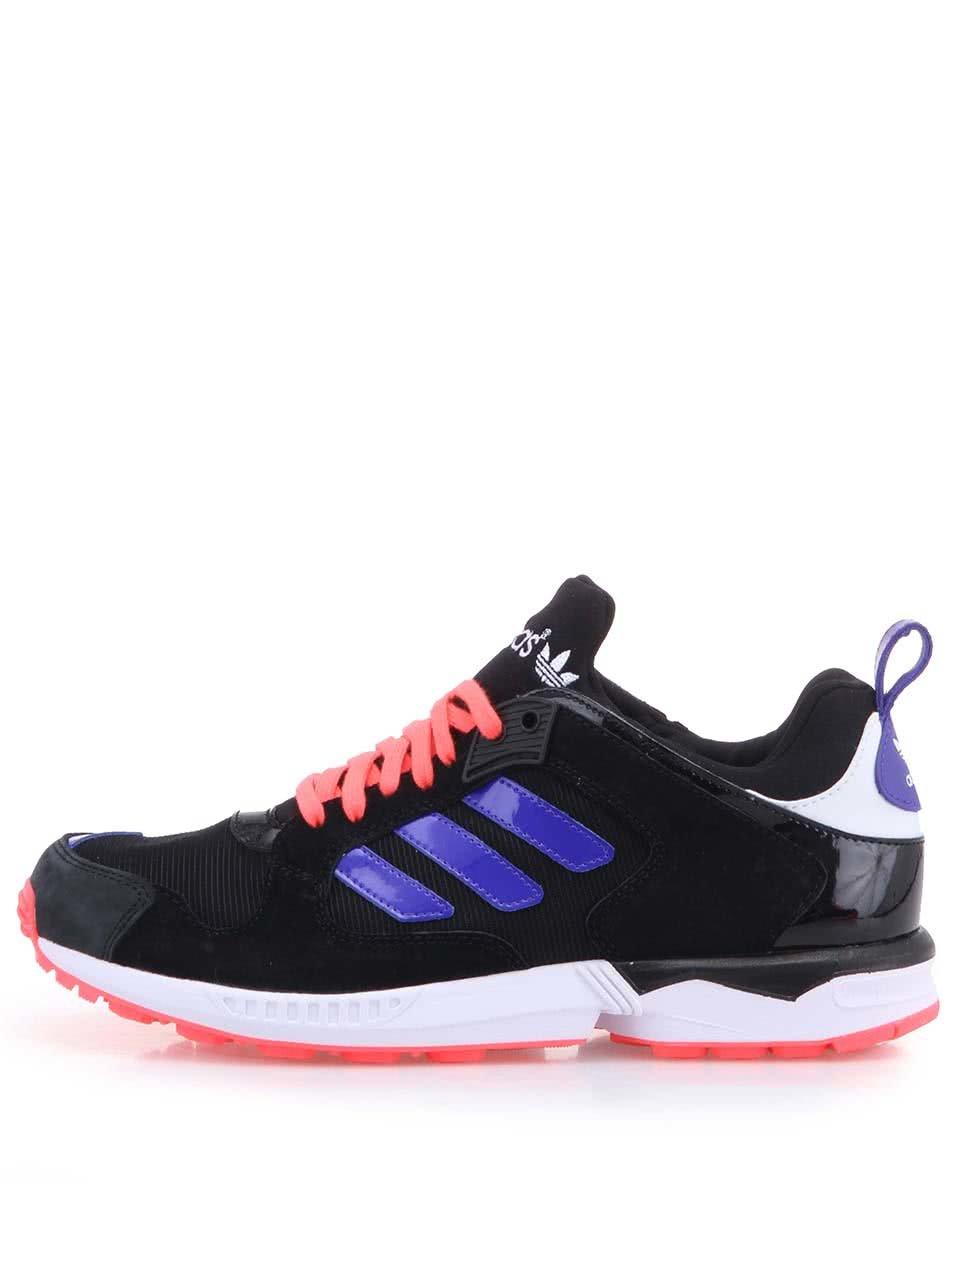 Černé dámské sportovní boty adidas Originals ZX 5000 587d939a1eb